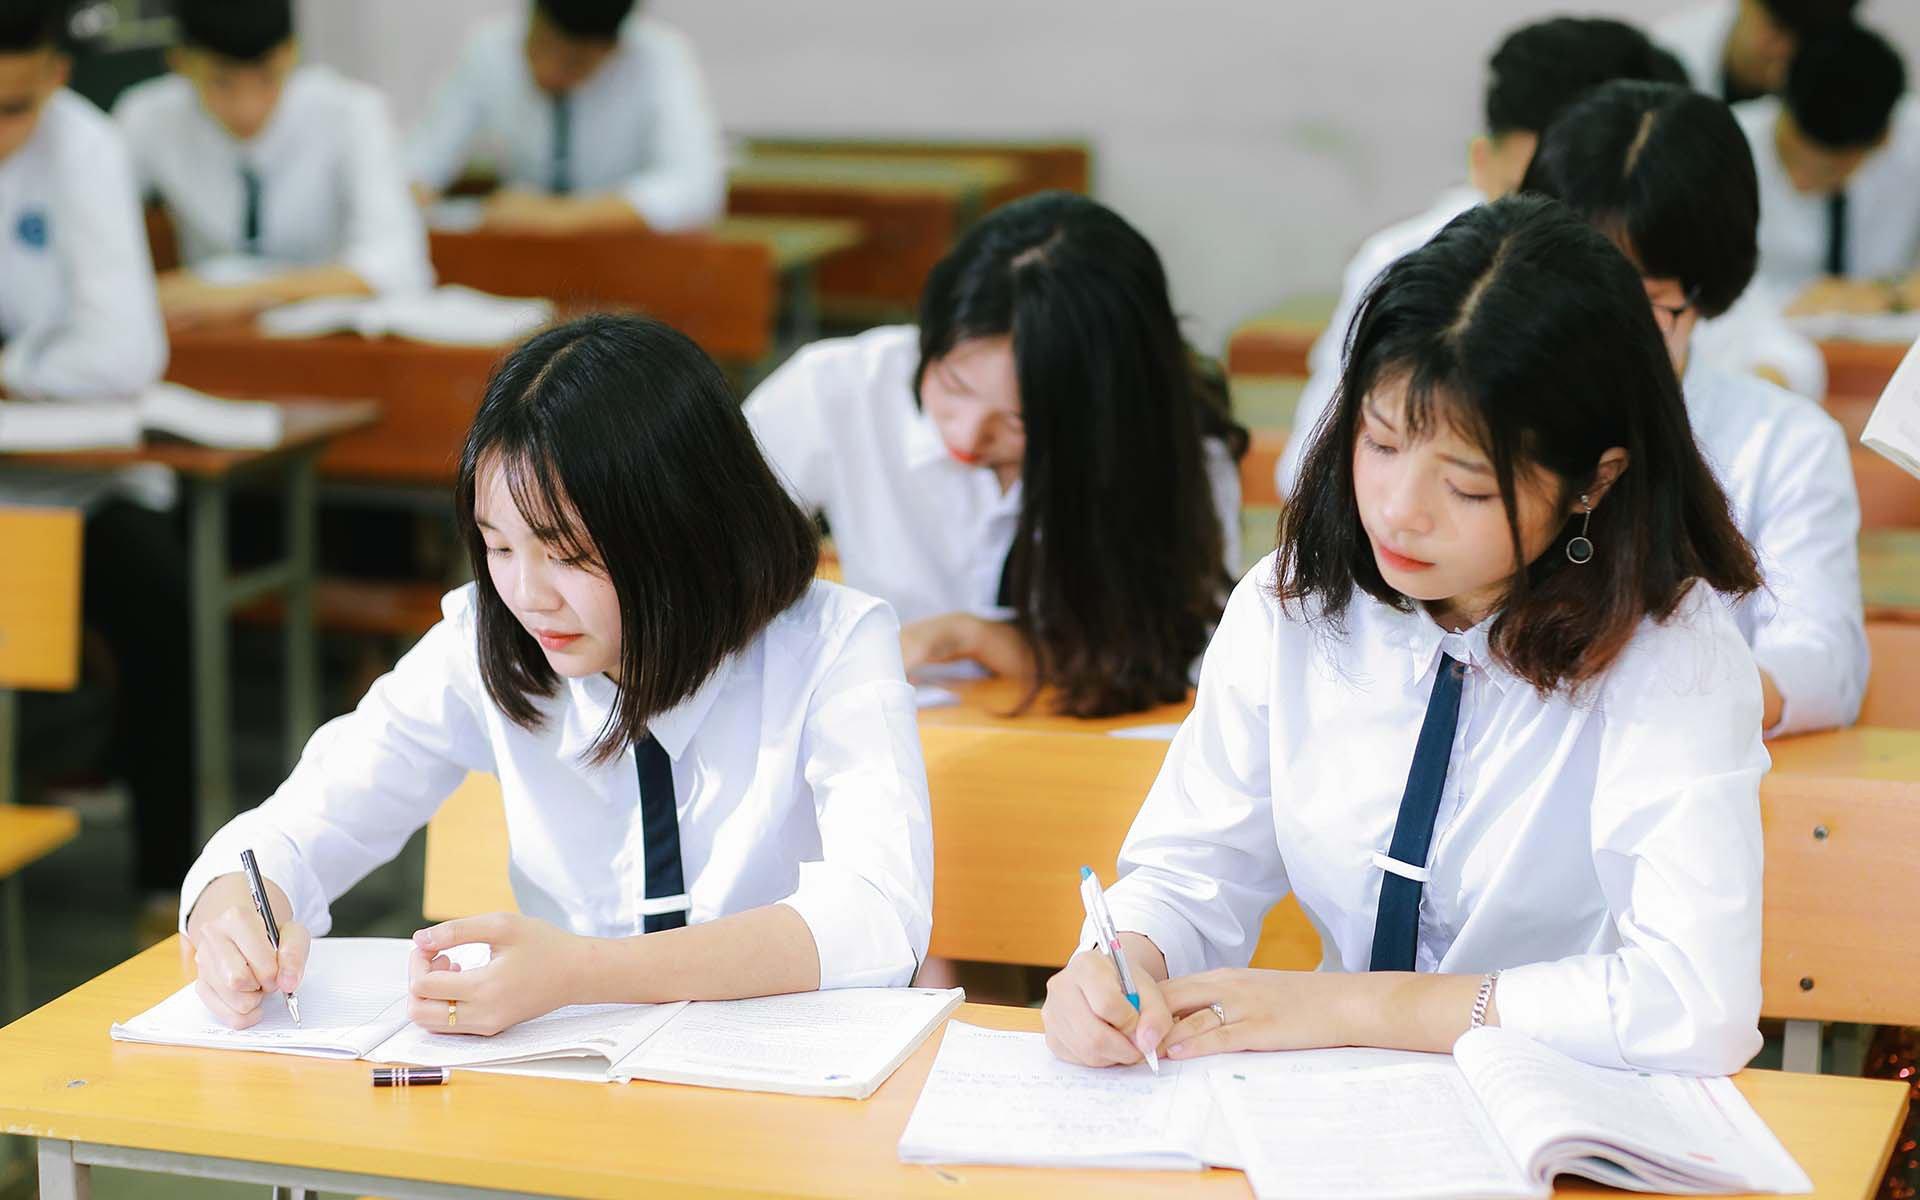 Đề thi môn Toán tốt nghiệp THPT Quốc gia 2021 đợt 2 tất cả các mã đề 1